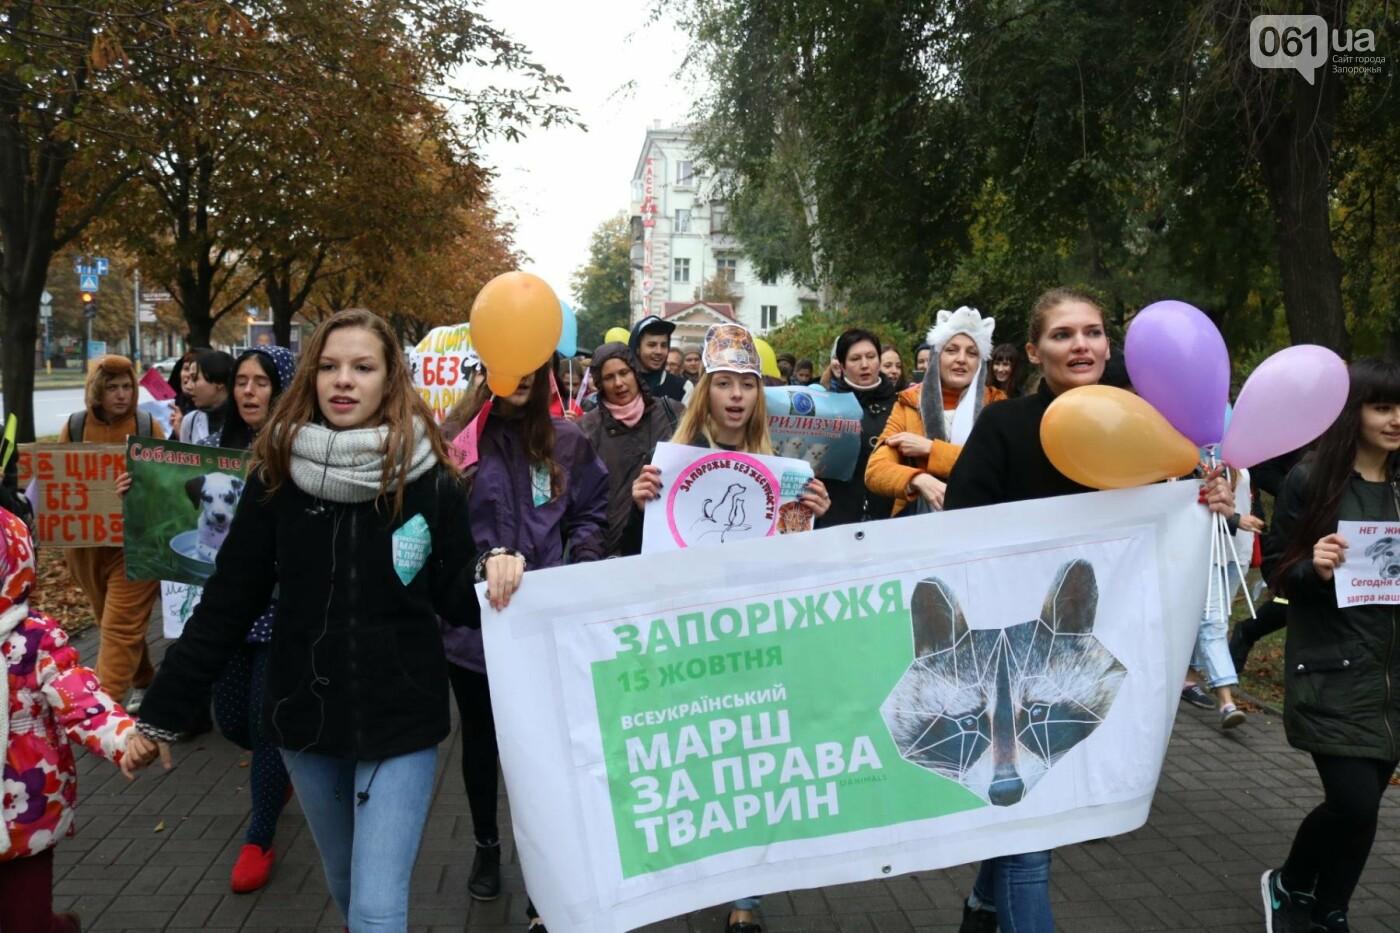 В Запорожье прошел марш за права животных, - ФОТОРЕПОРТАЖ, фото-29